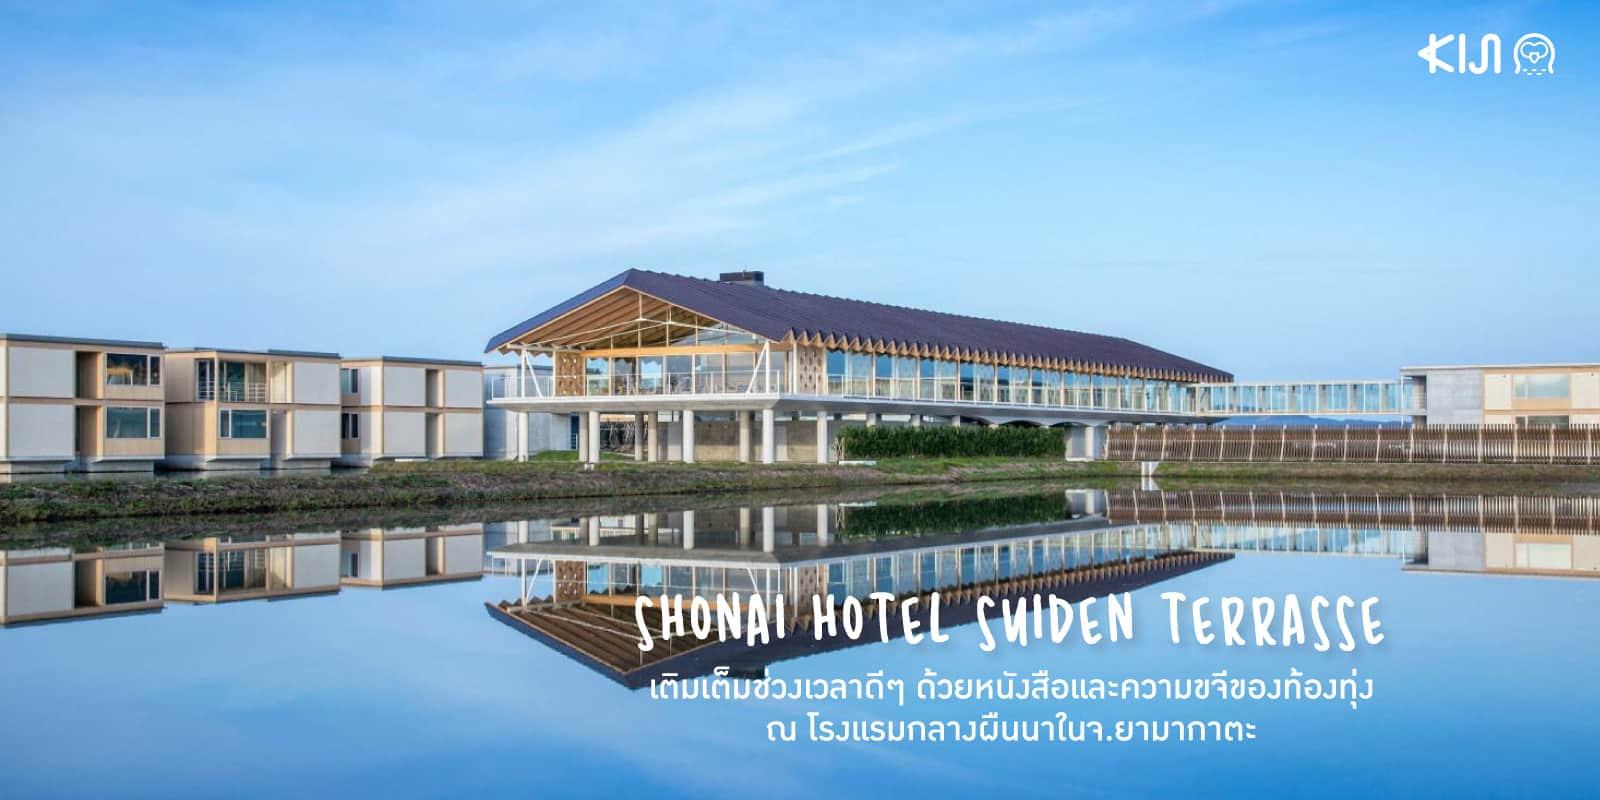 SHONAI HOTEL SUIDEN TERRASSE โรงแรมในยามากาตะ ที่พักยามากาตะ